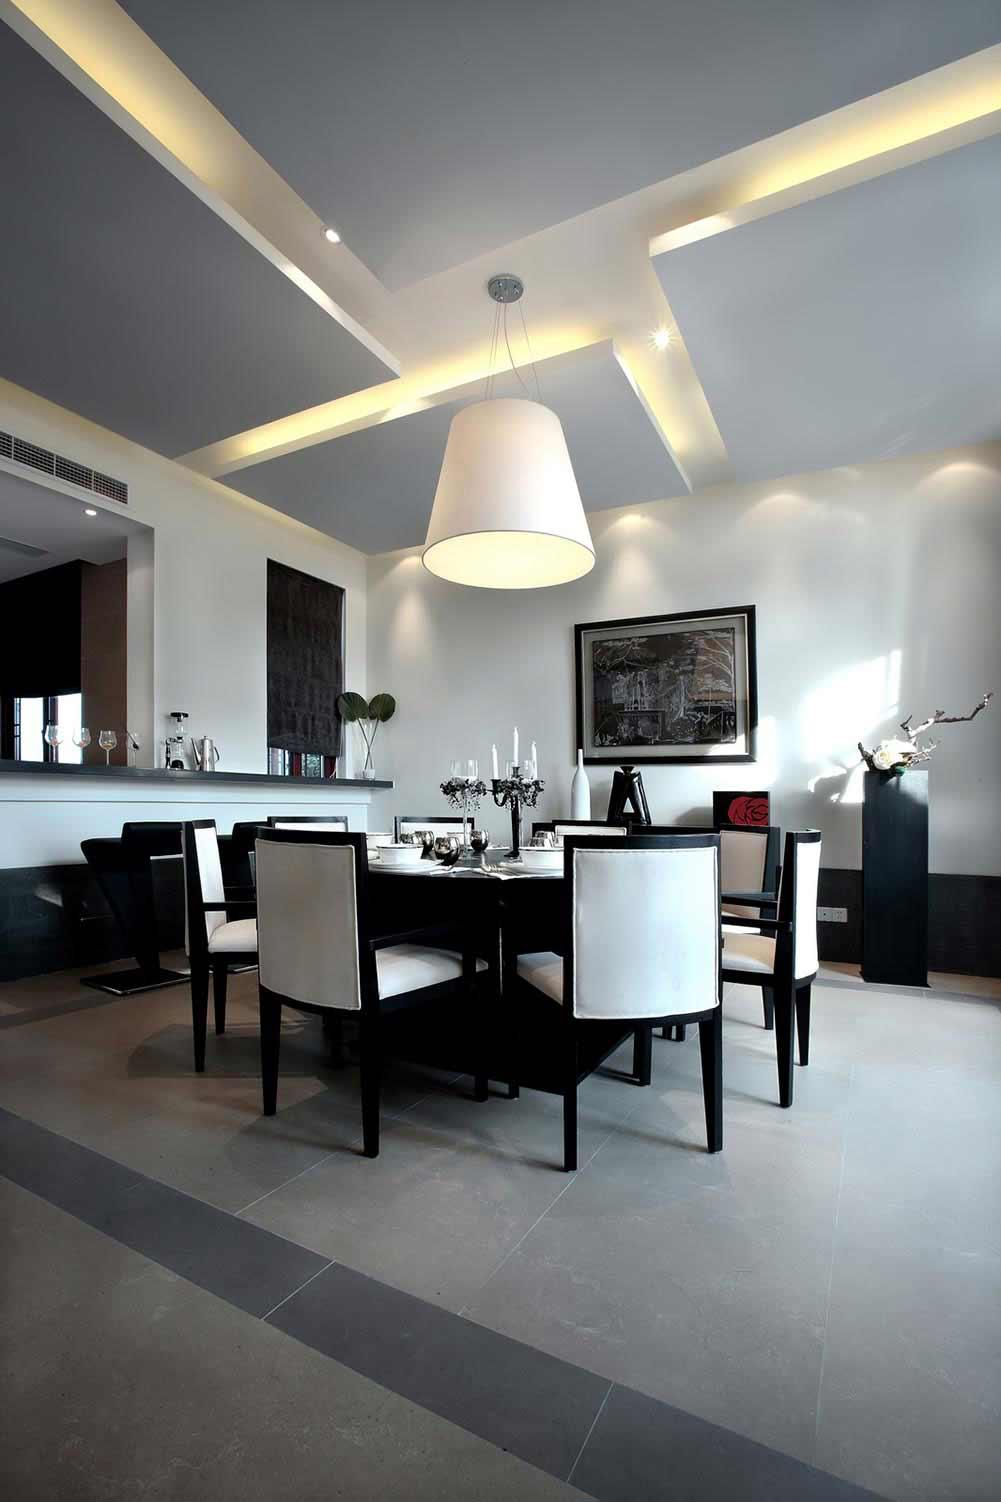 雅韵时尚黑白新中式风格餐厅装修